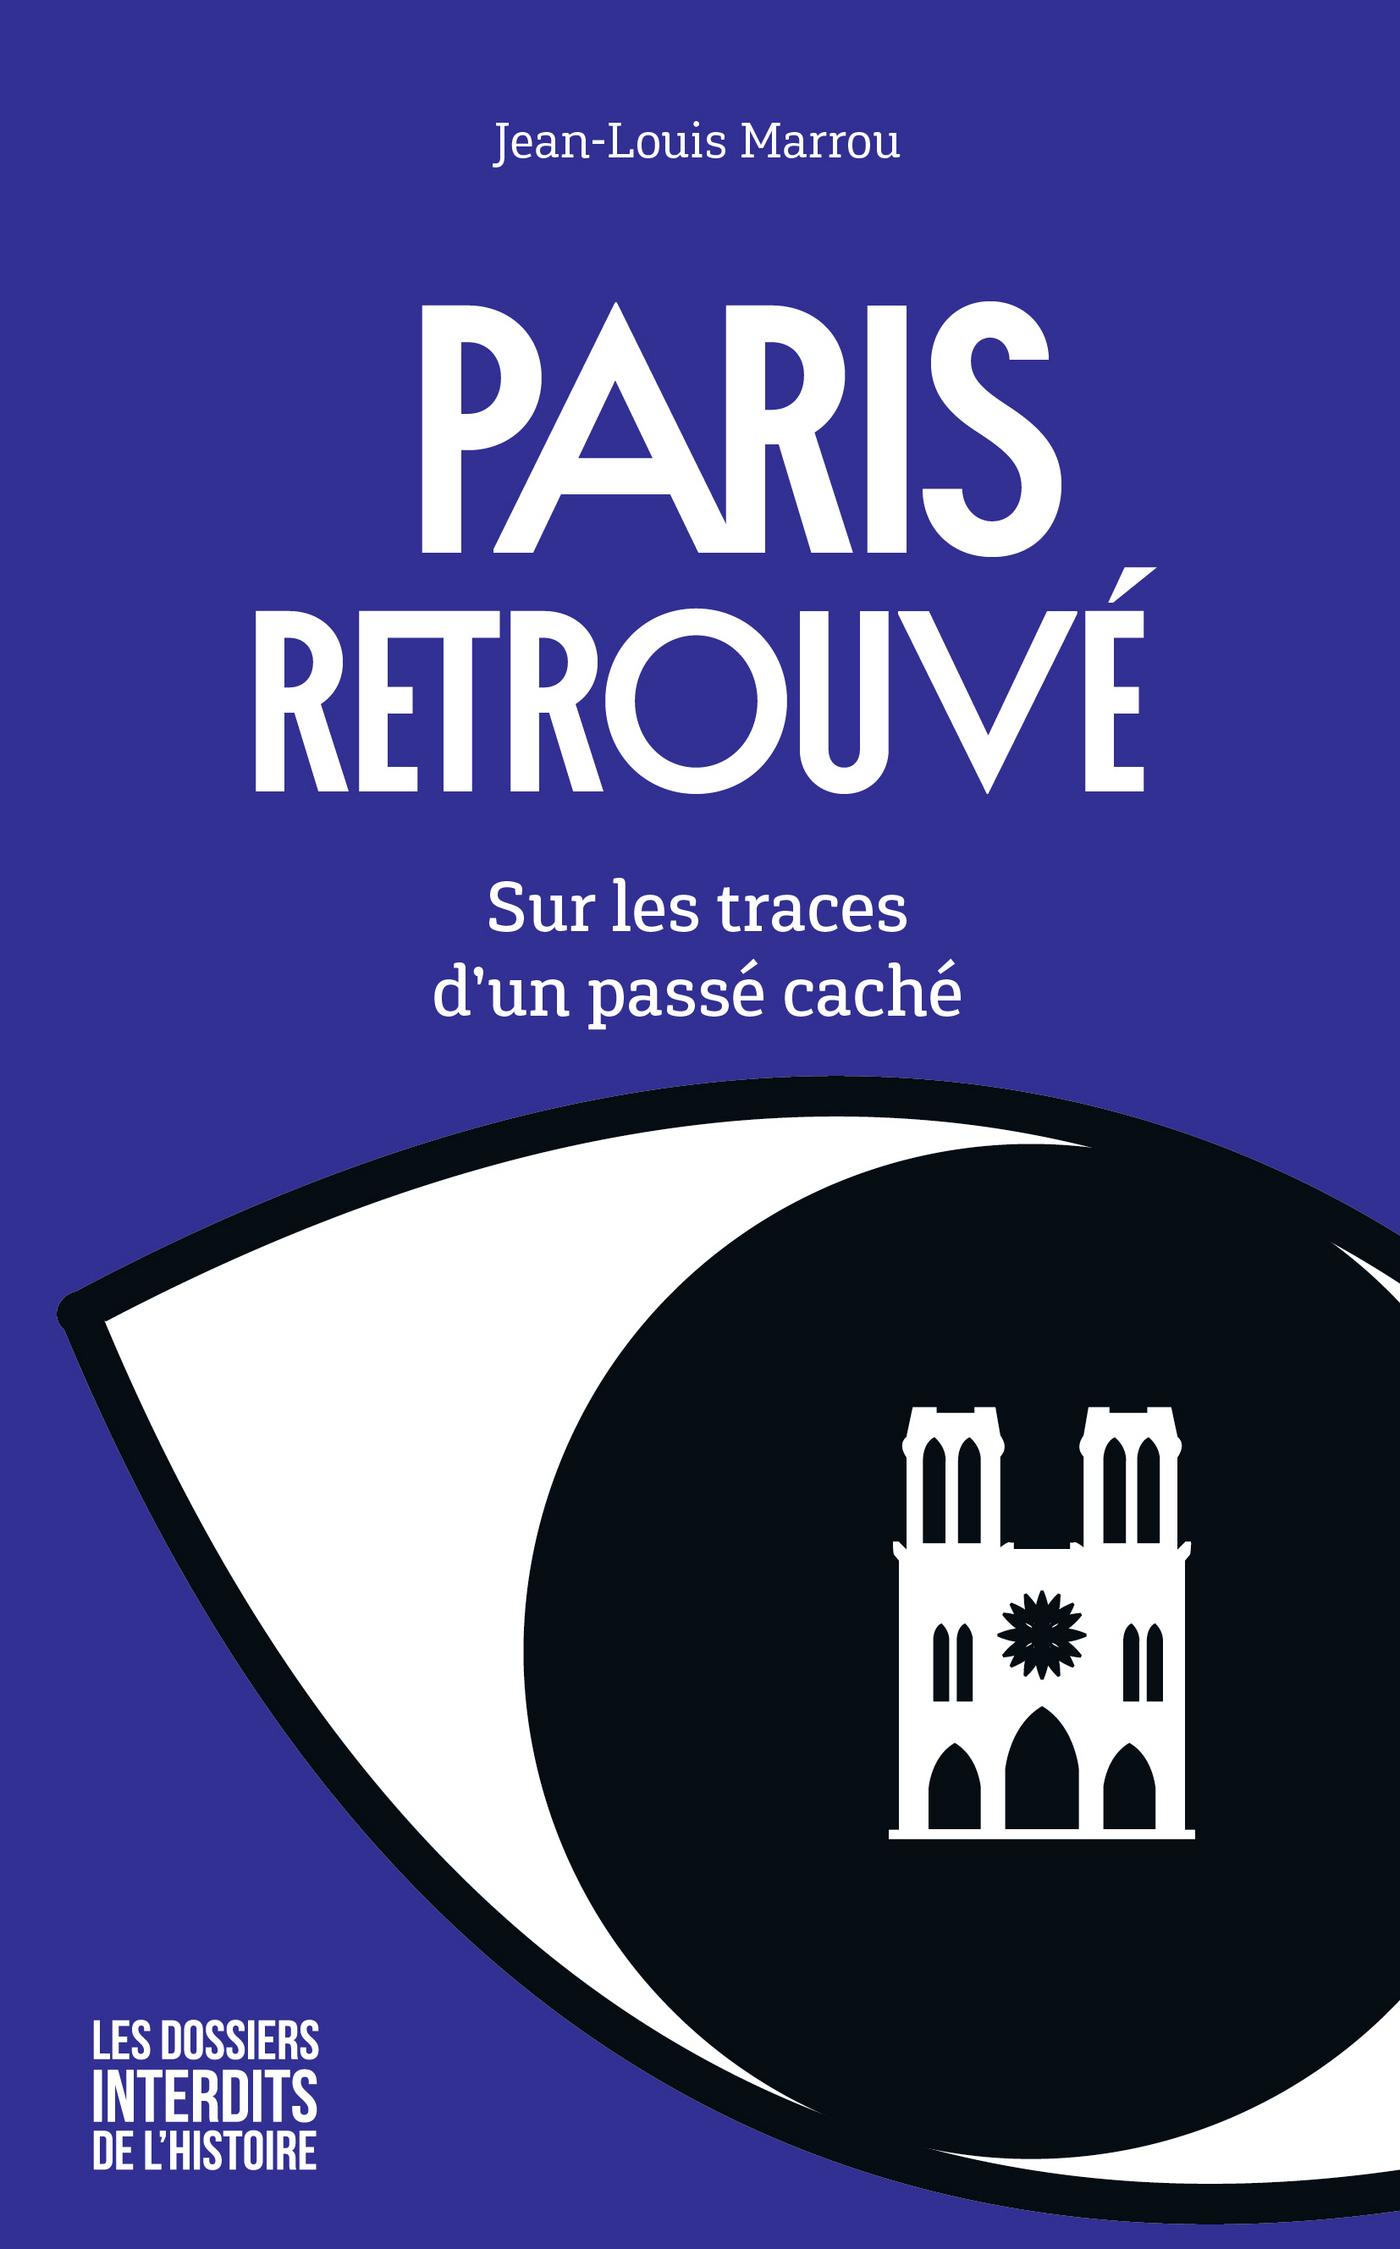 Paris retrouvé - Sur les traces d'un passé caché